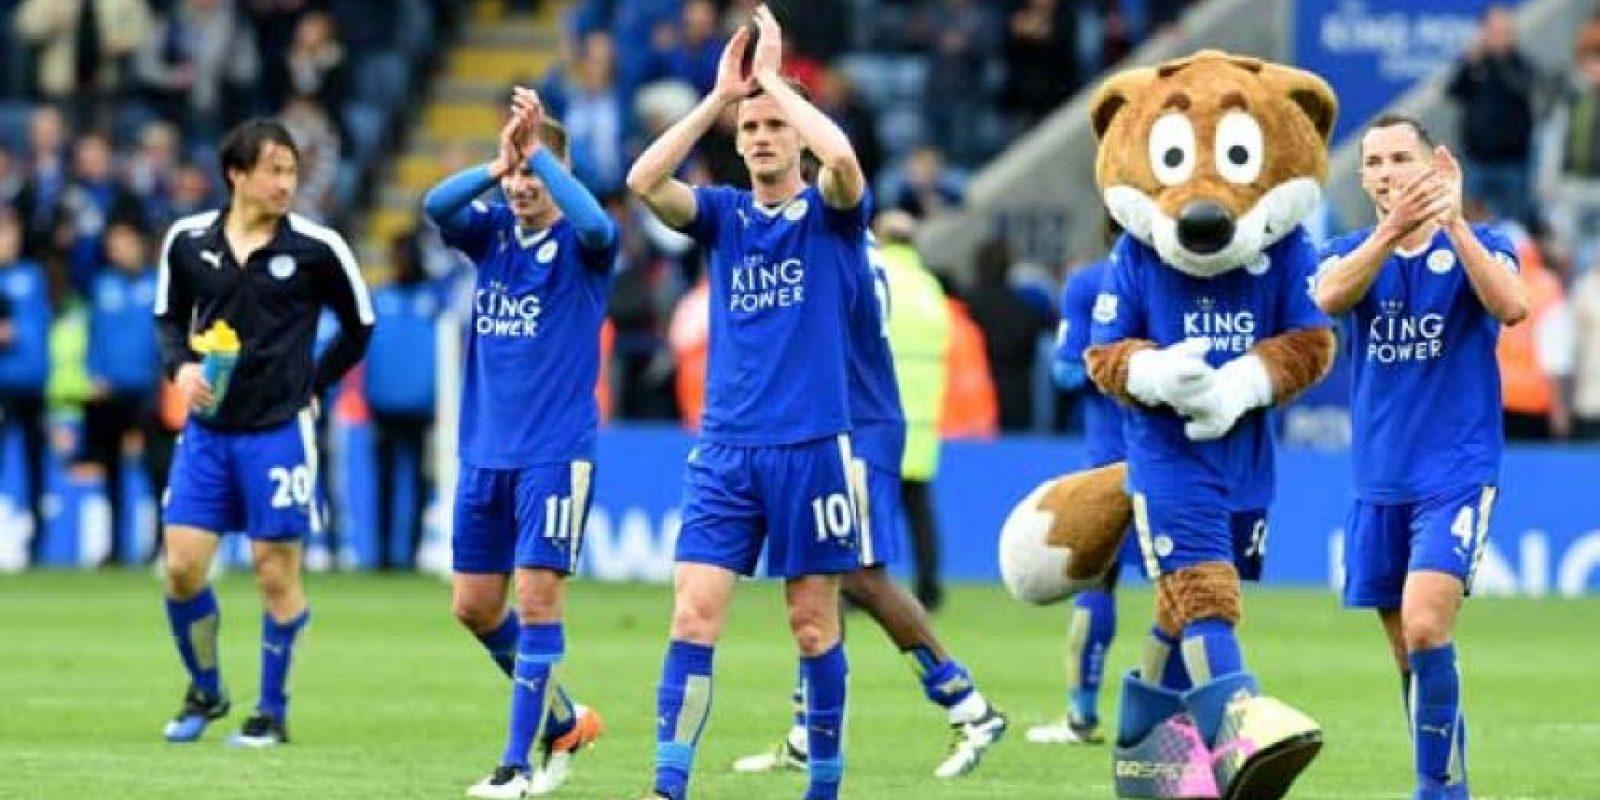 ¡Cuidado! Las figuras de Leicester City atraen a los mejores equipos de Europa Foto:Getty Images